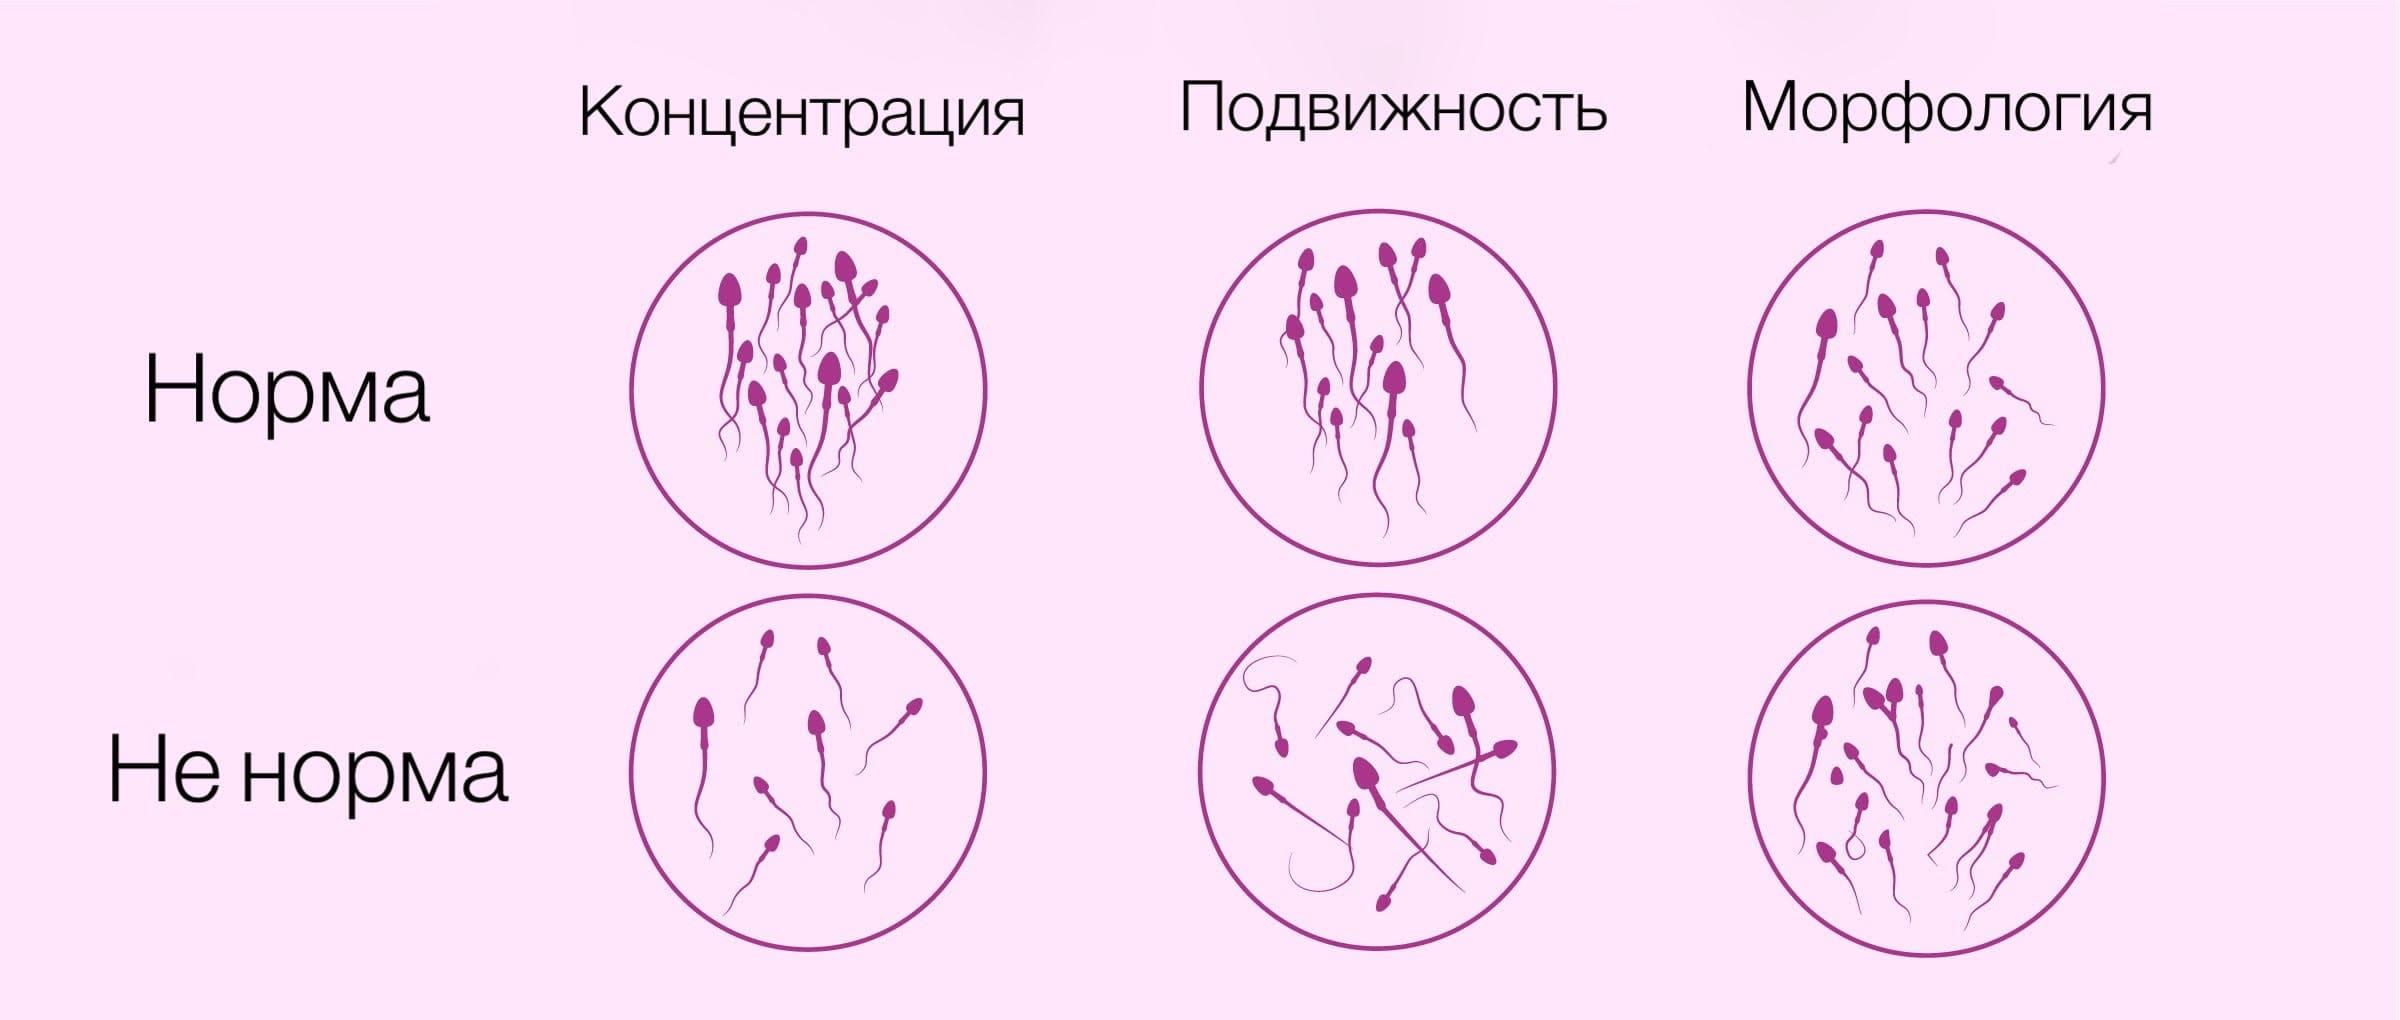 концентрация сперматозоидов в организме человека